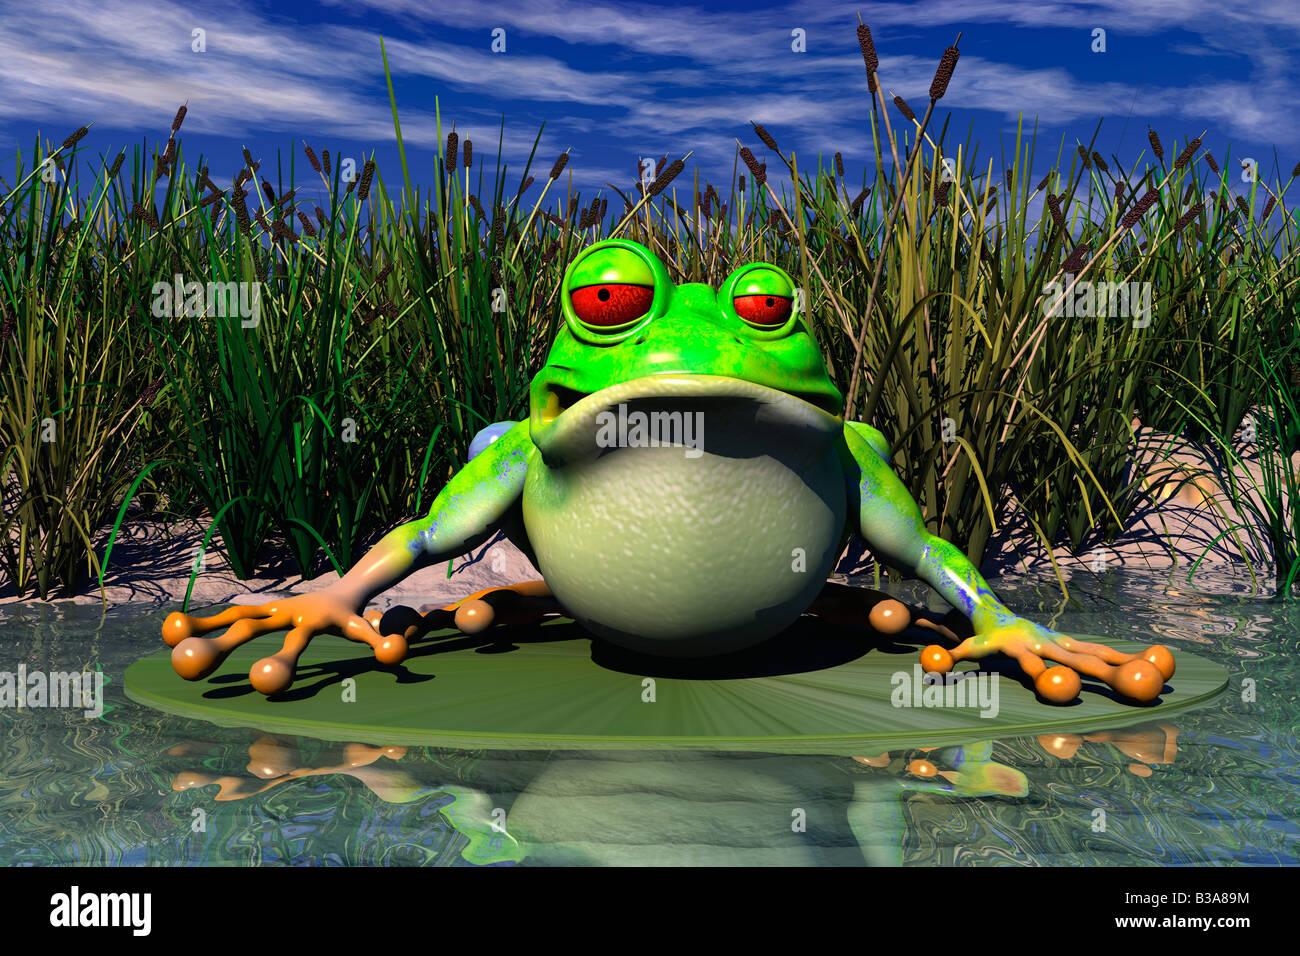 Cartoon illustrazione di una rana seduta in stagno foto immagine